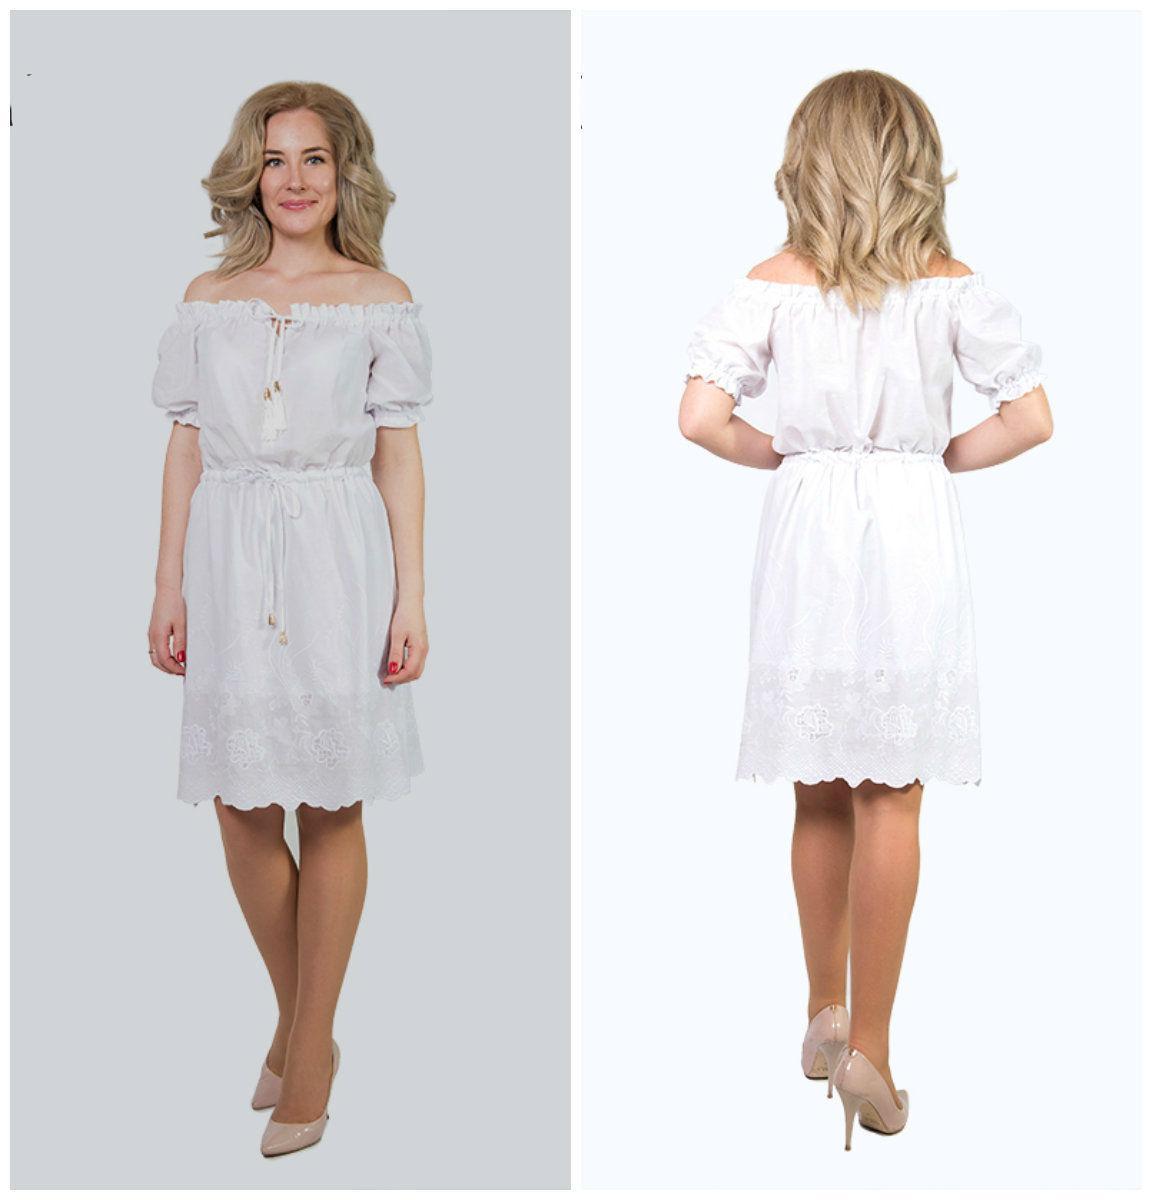 Летнее, воздушное, белое платье Серафима выполнено из ткани-батист с вышивкой, юбка на подкладке, 46-52